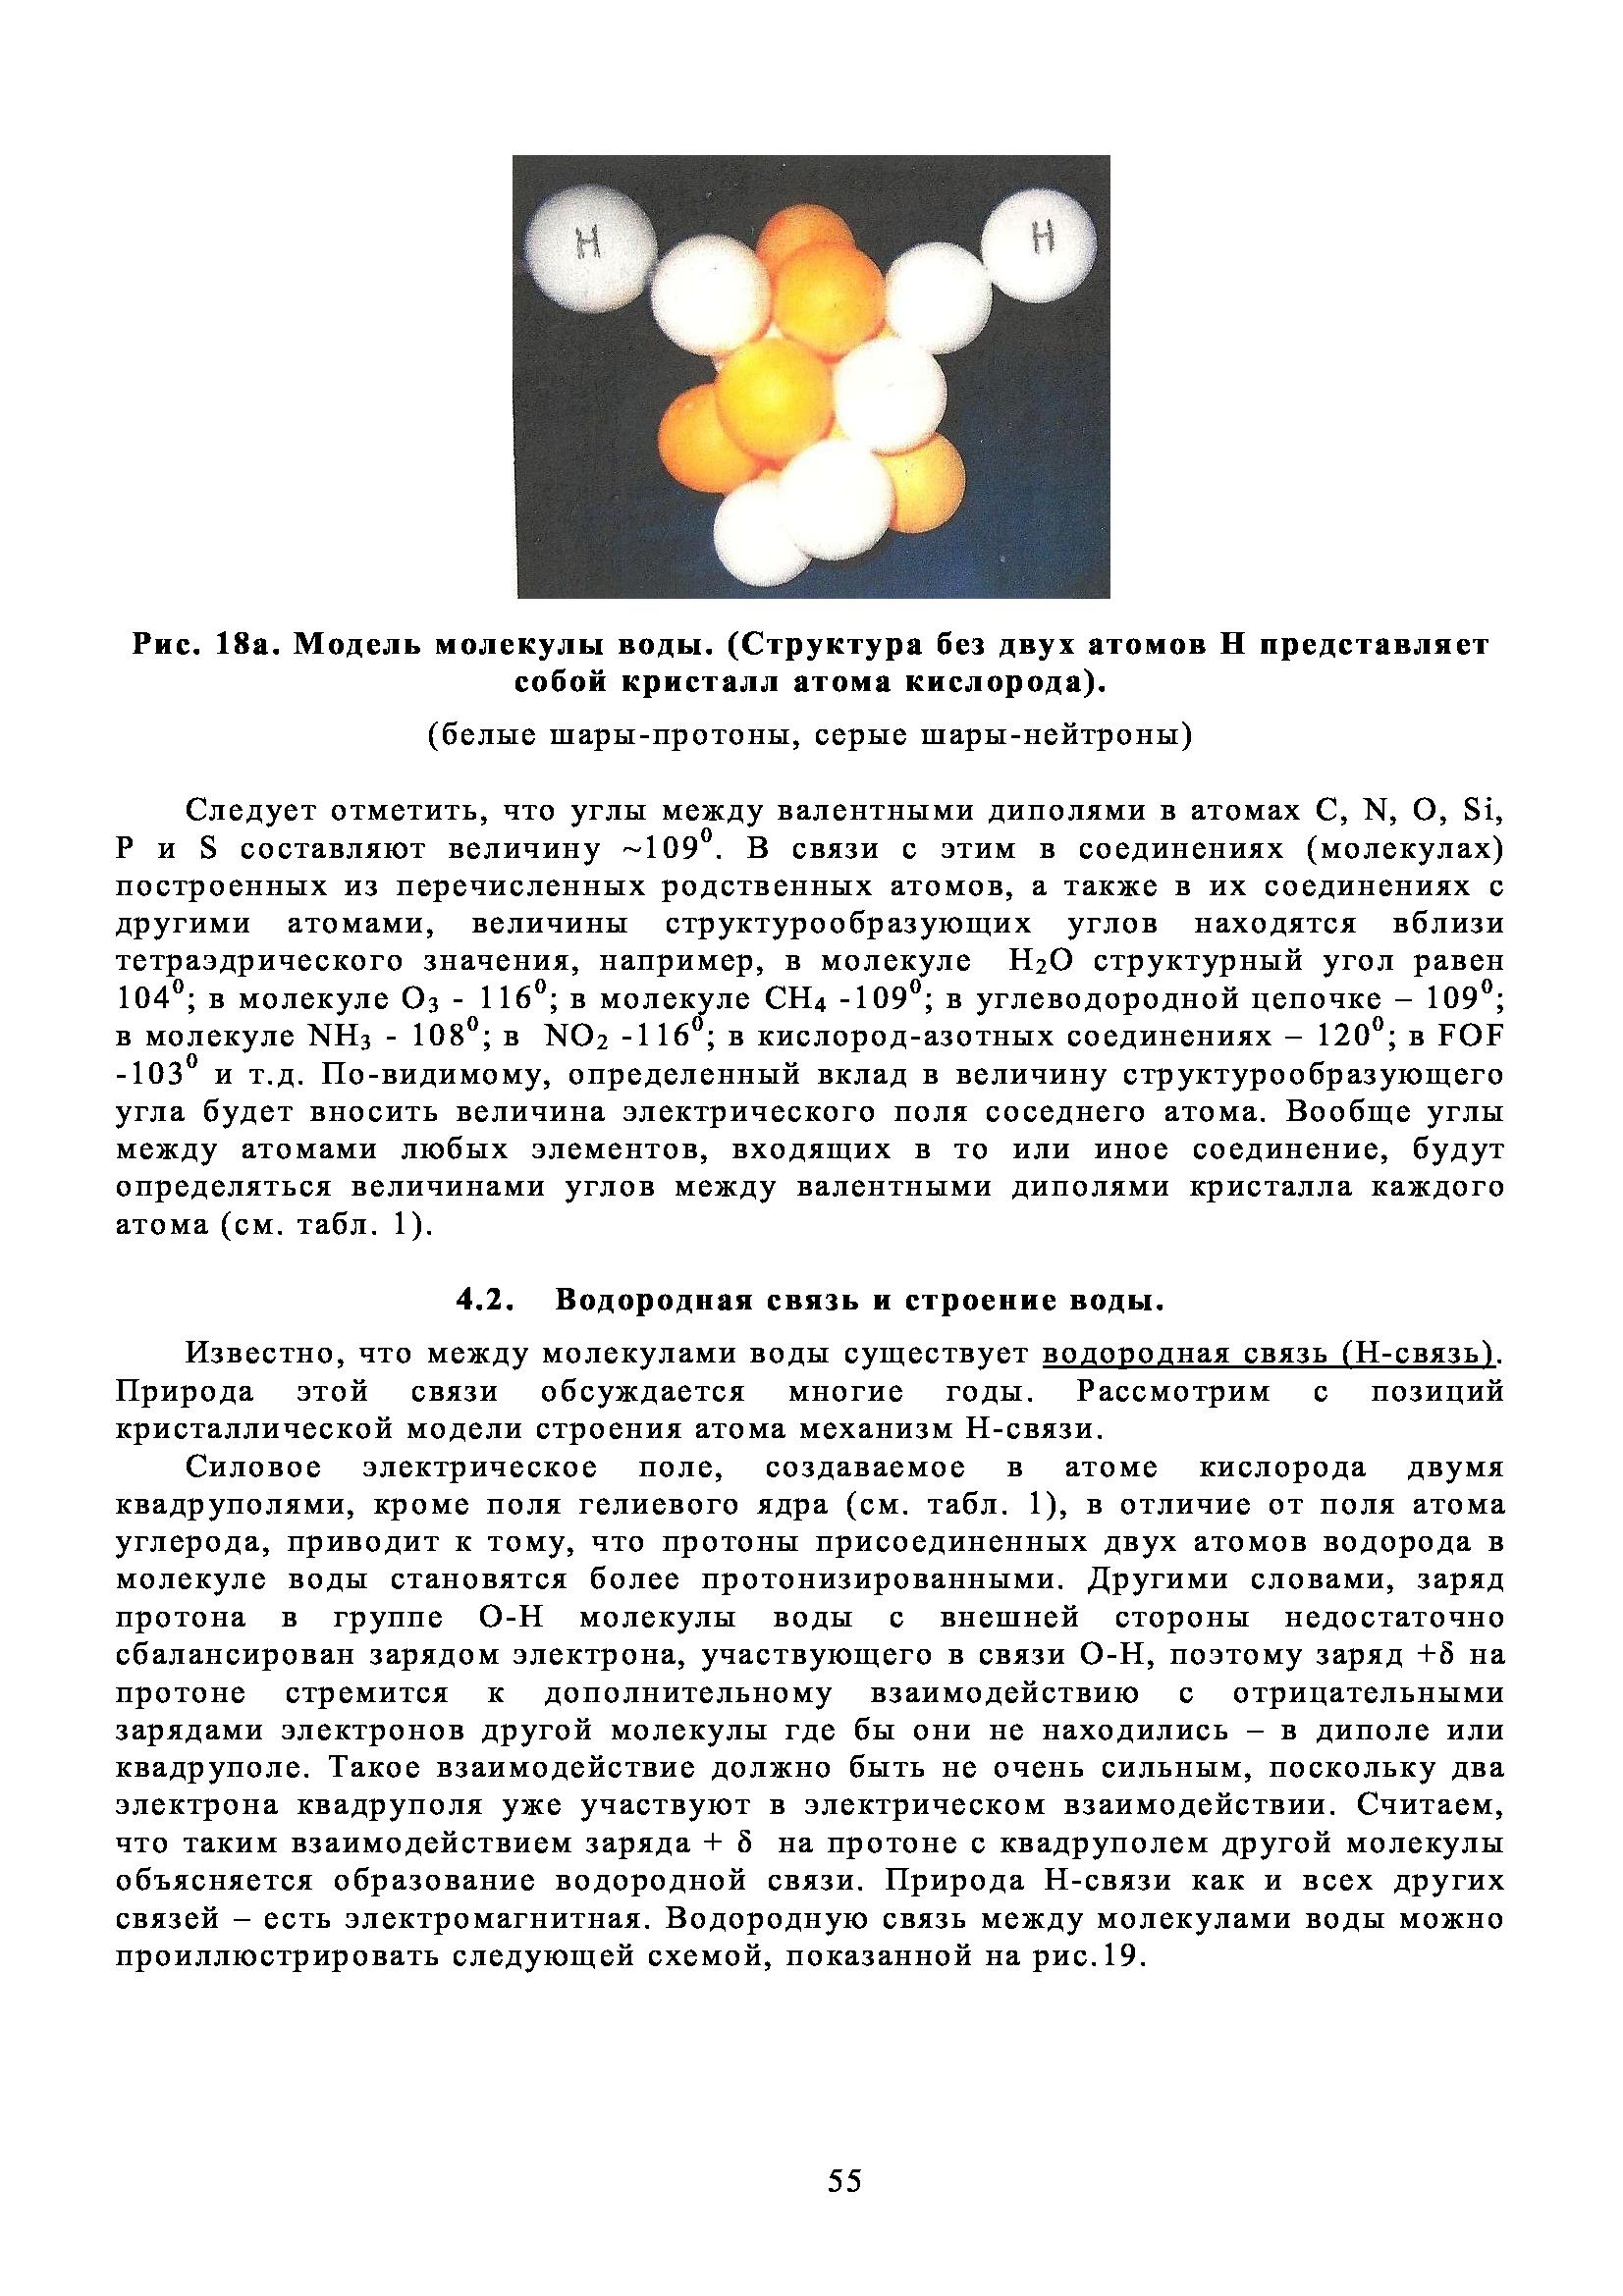 Углерод схема электронного строения атома